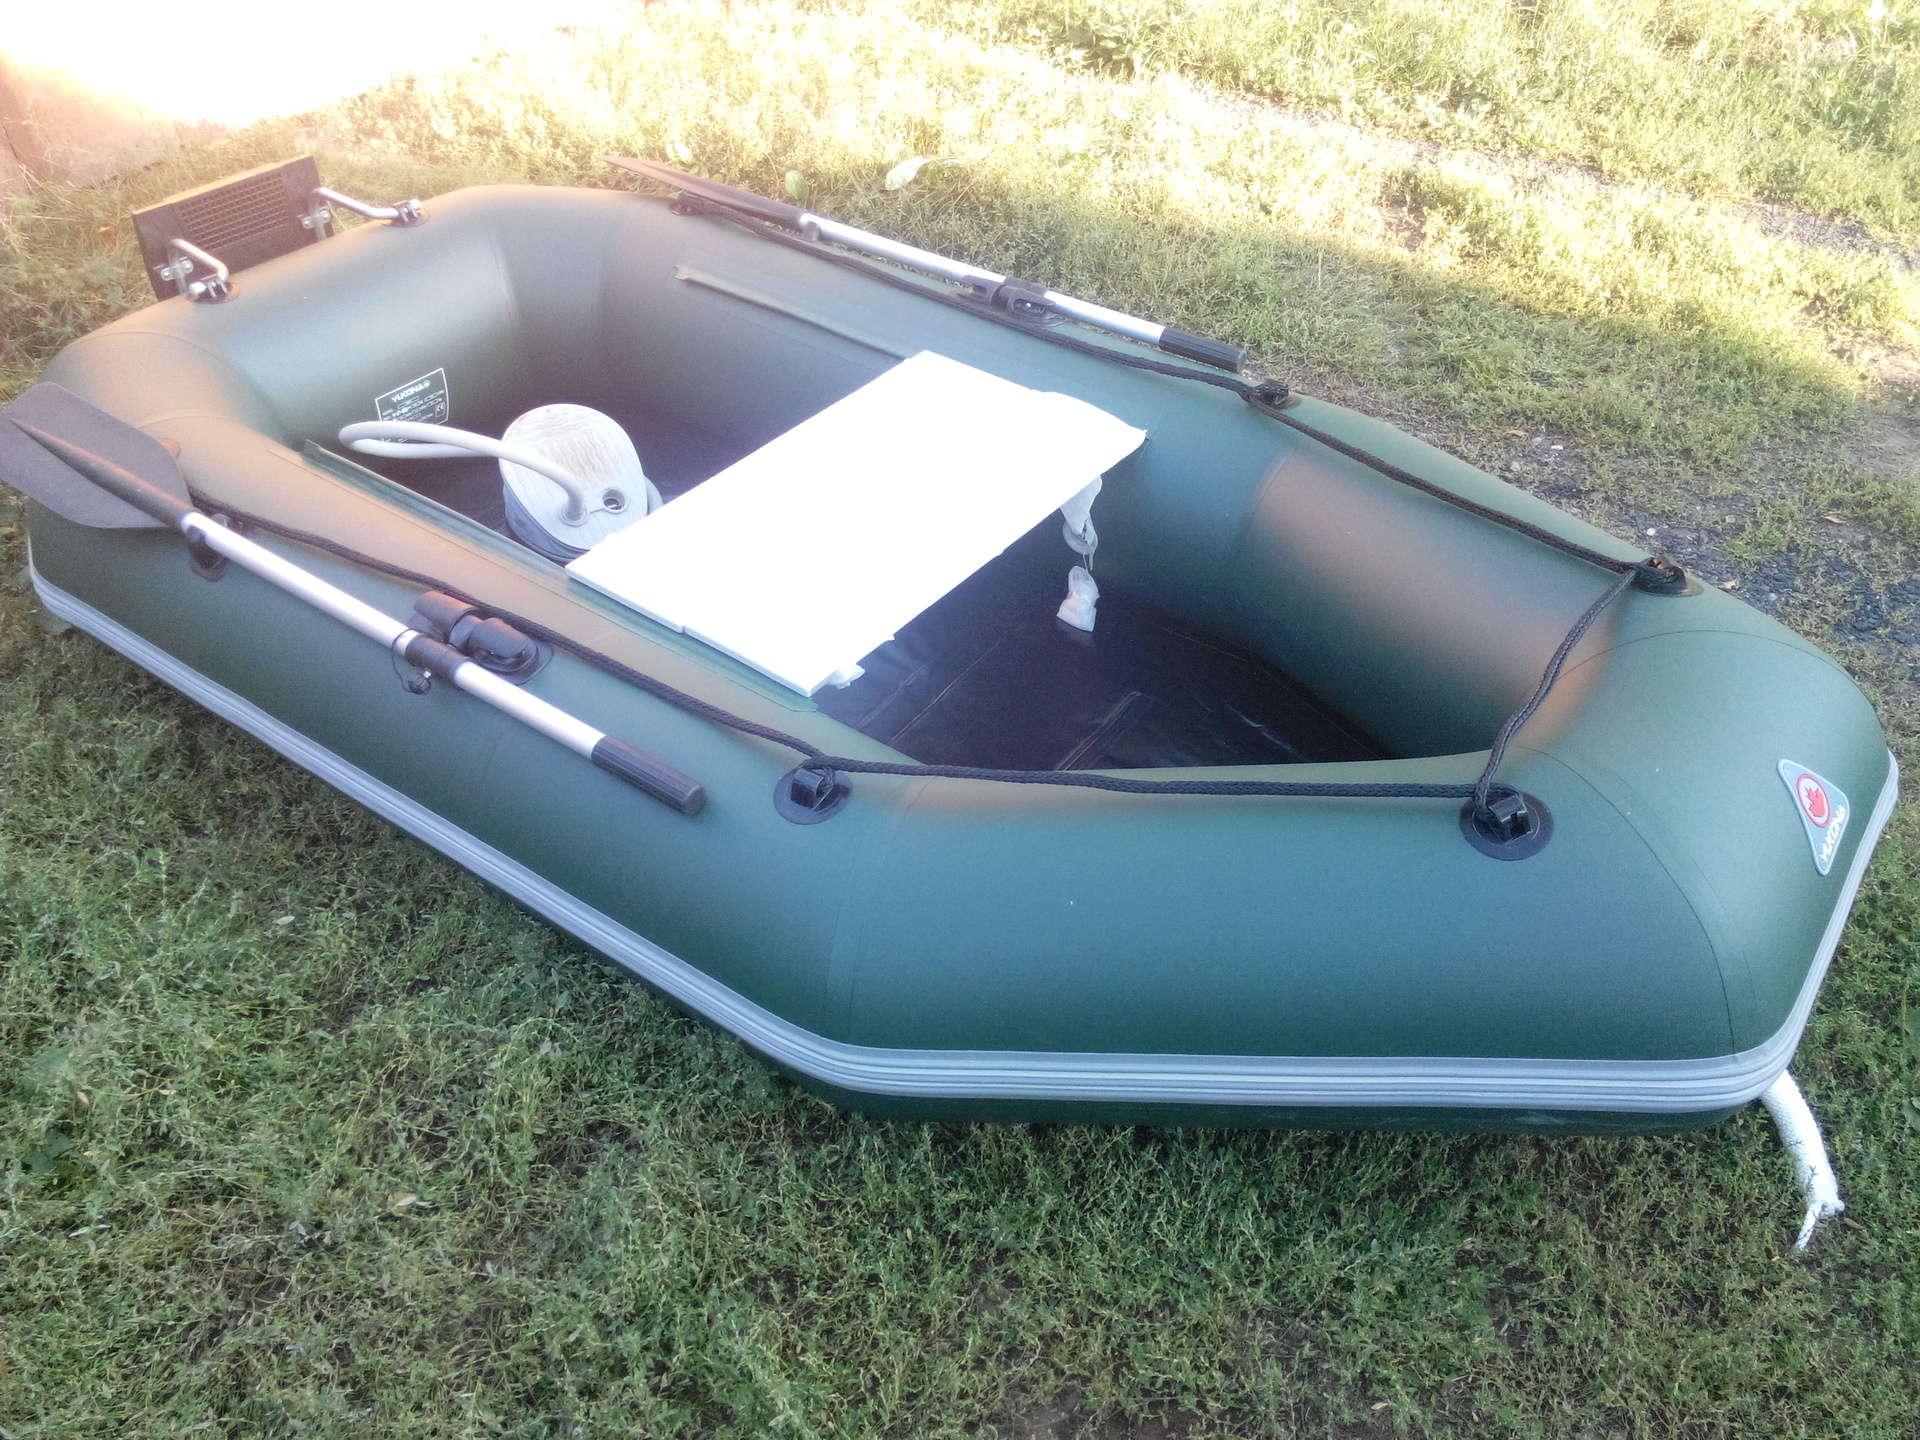 куплю лодку пвх б у недорого в челябинске